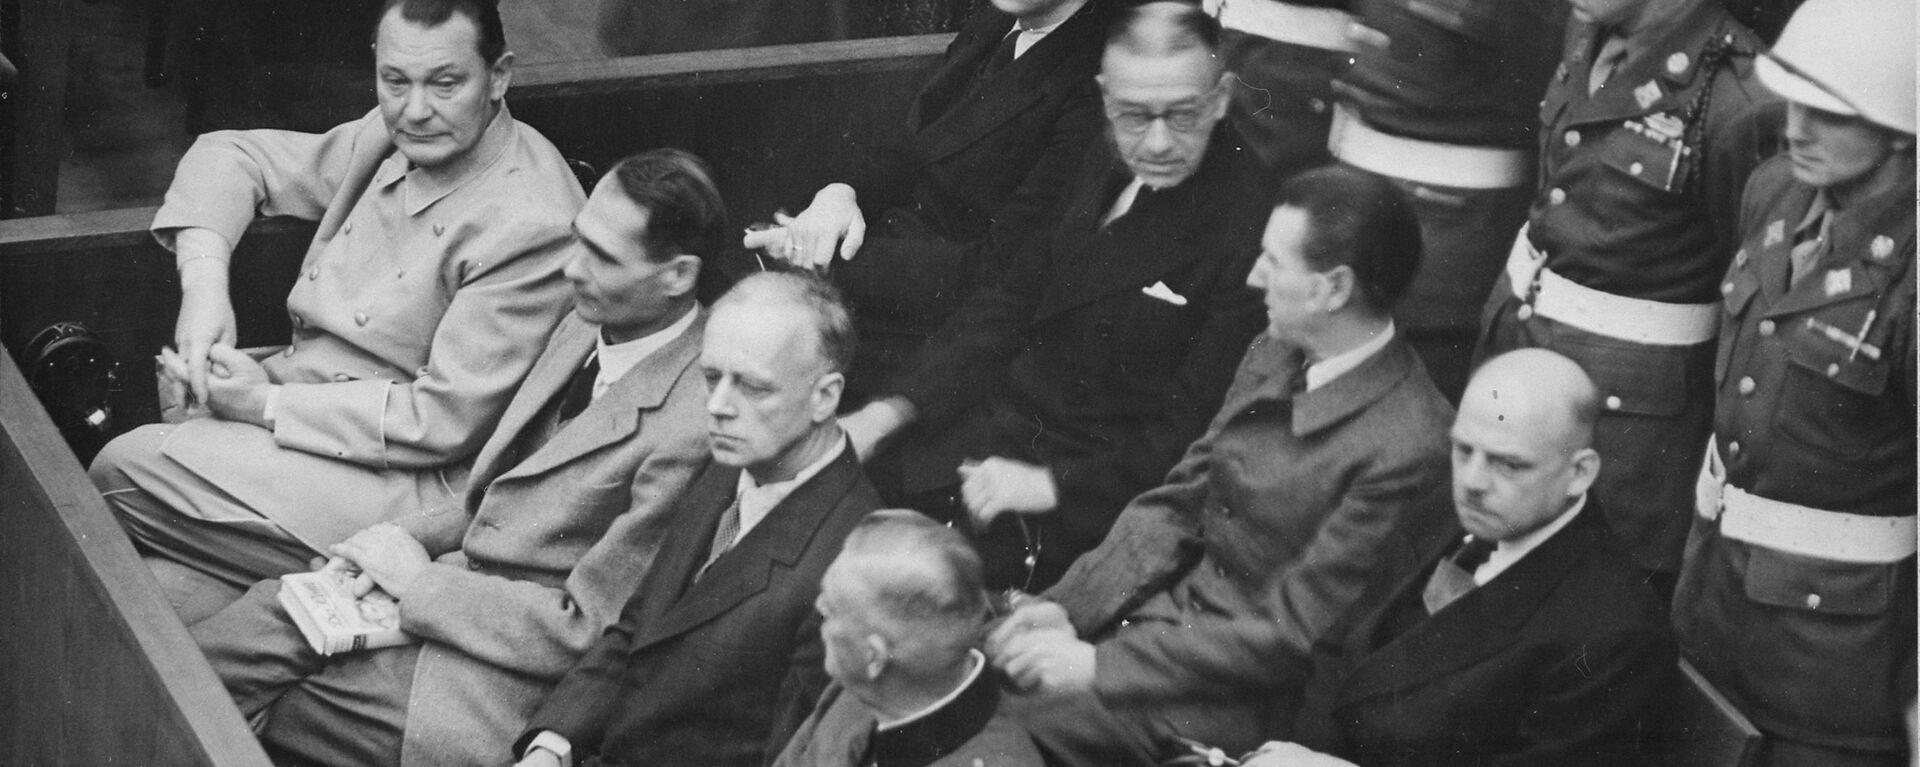 Герман Геринг, адмирал Карл Дениц, адмирал Эрик Редер, Рудольф Гесс, Бальдур фон Ширах и Иоахим фон Риббентроп на скамье подсудимых во время Нюрнбергского процесса  - Sputnik Латвия, 1920, 20.11.2020